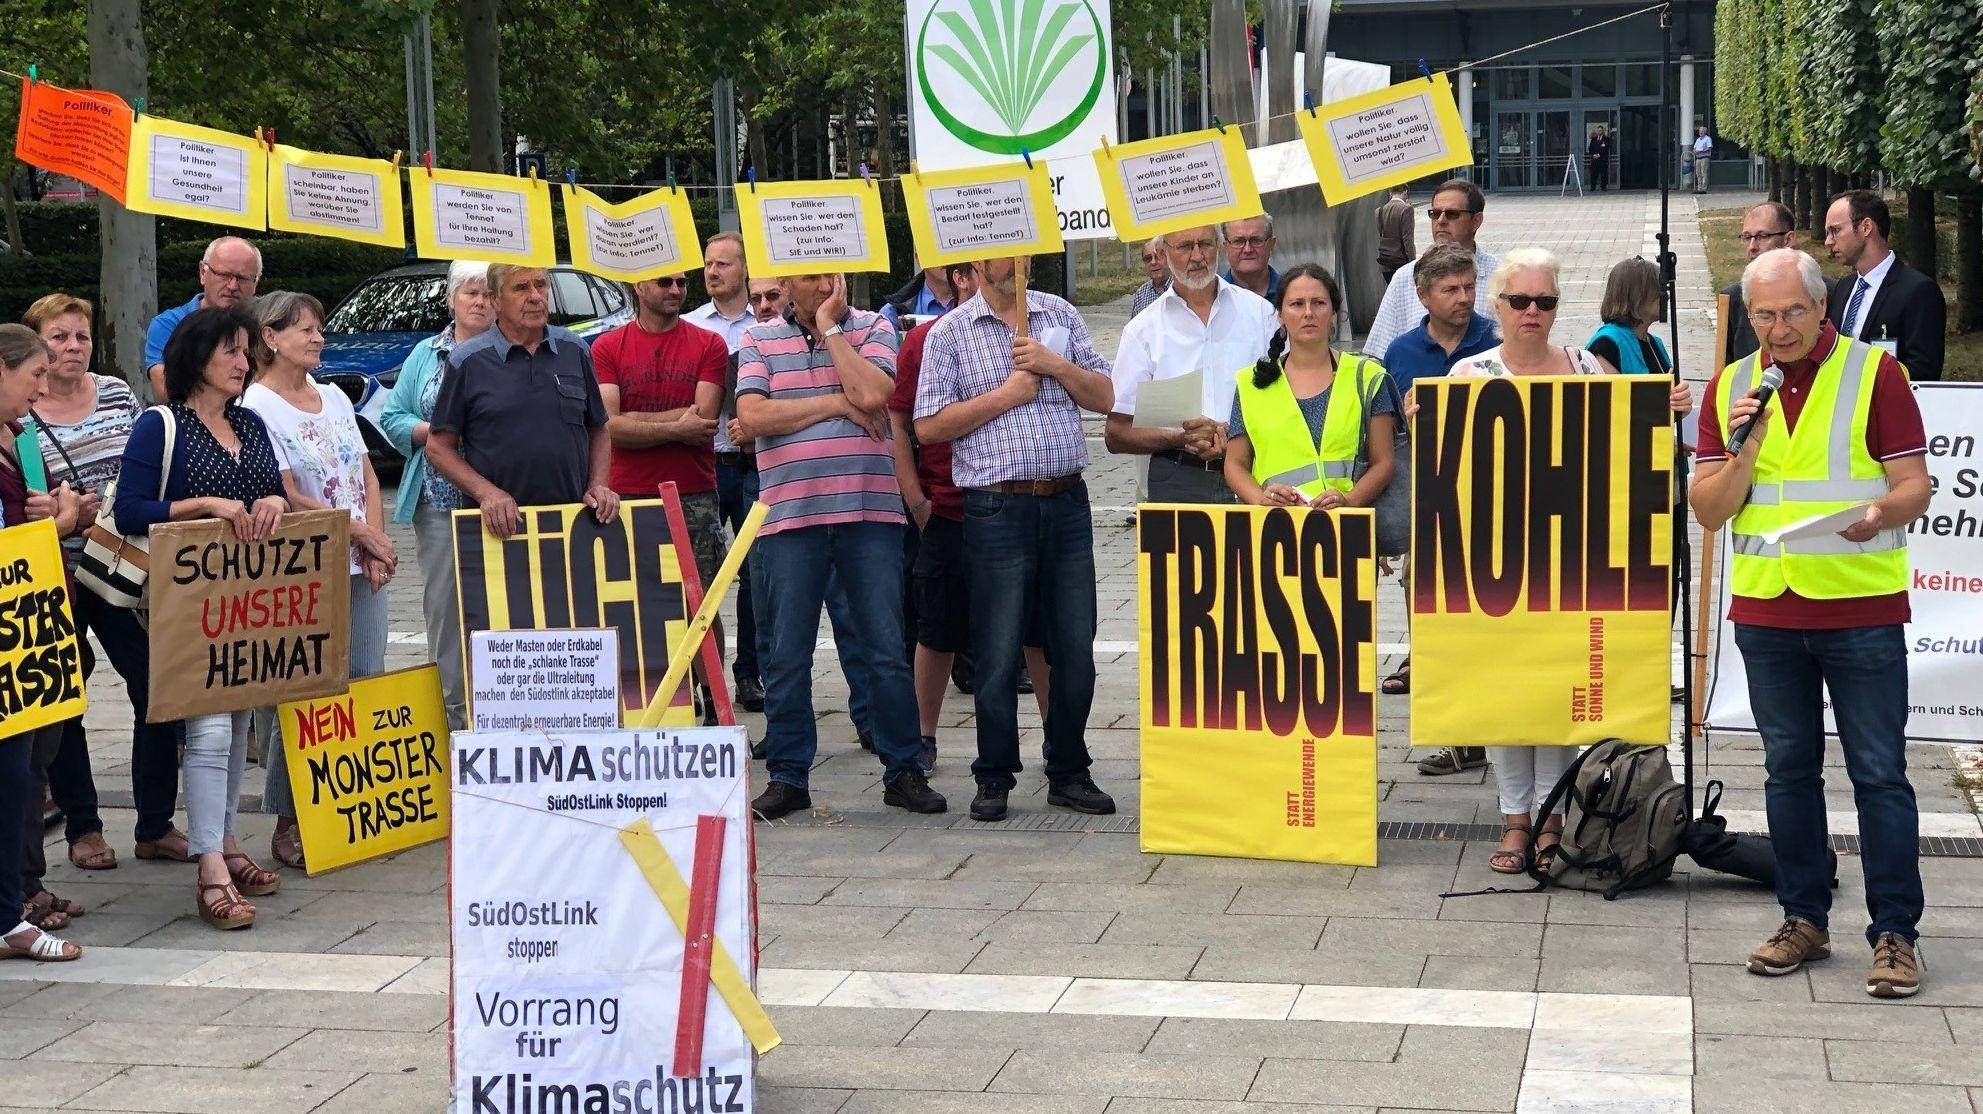 Trassengegner demonstrieren in Weiden